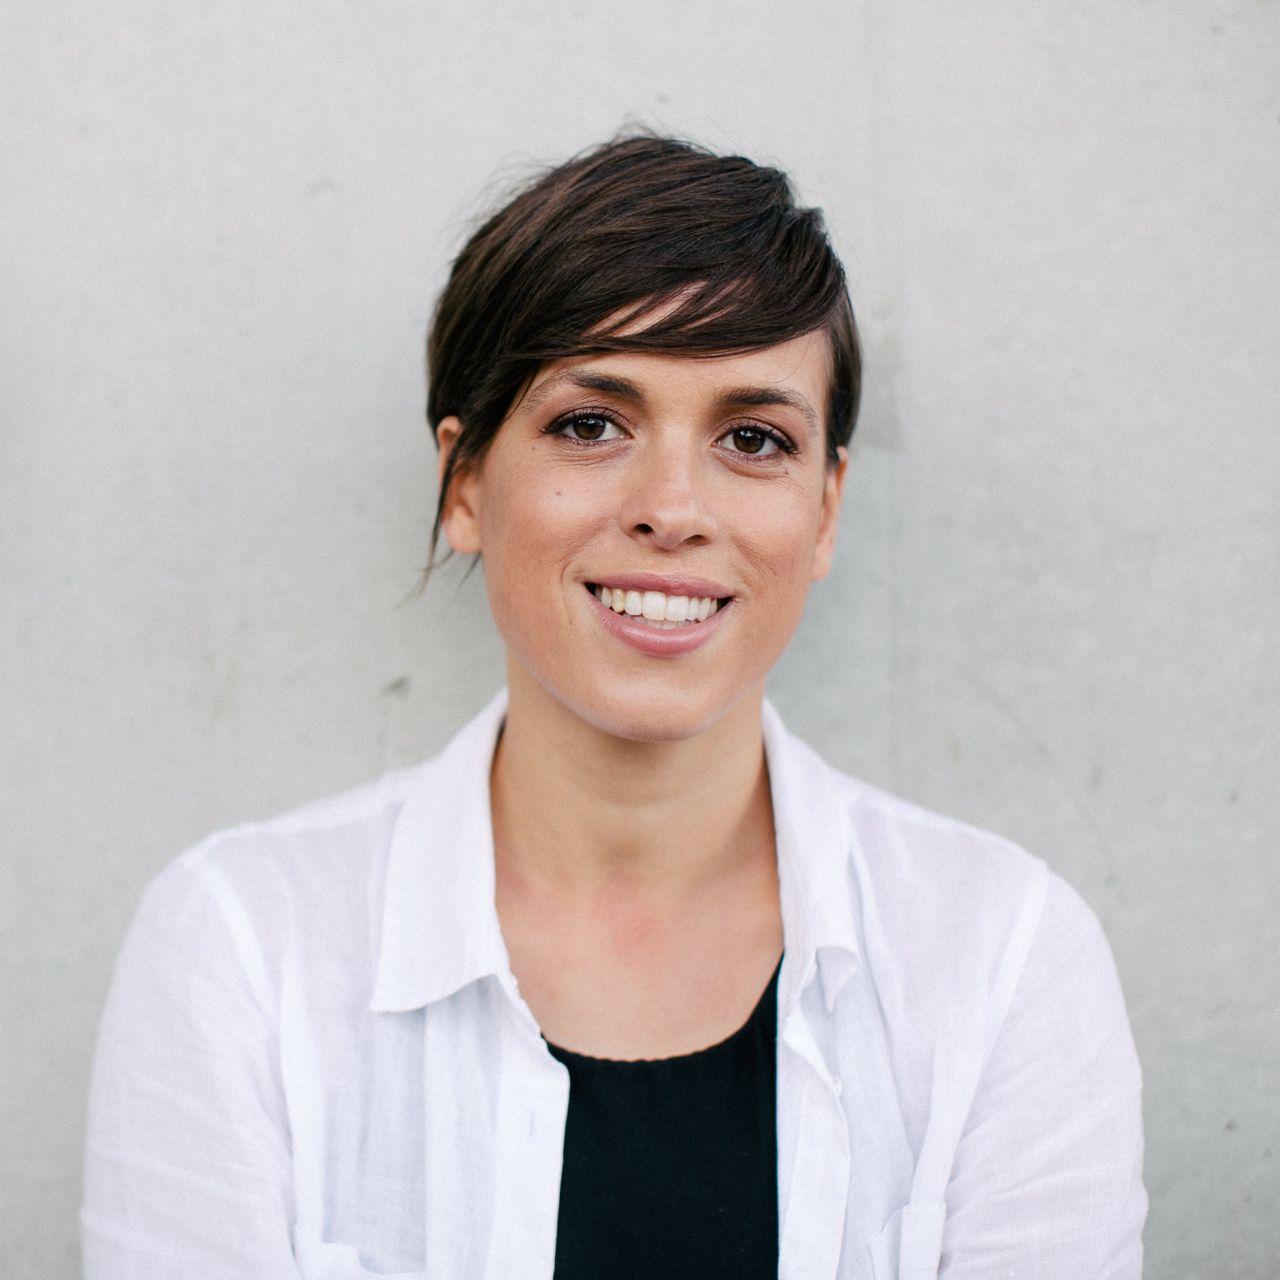 Christina Cavaco